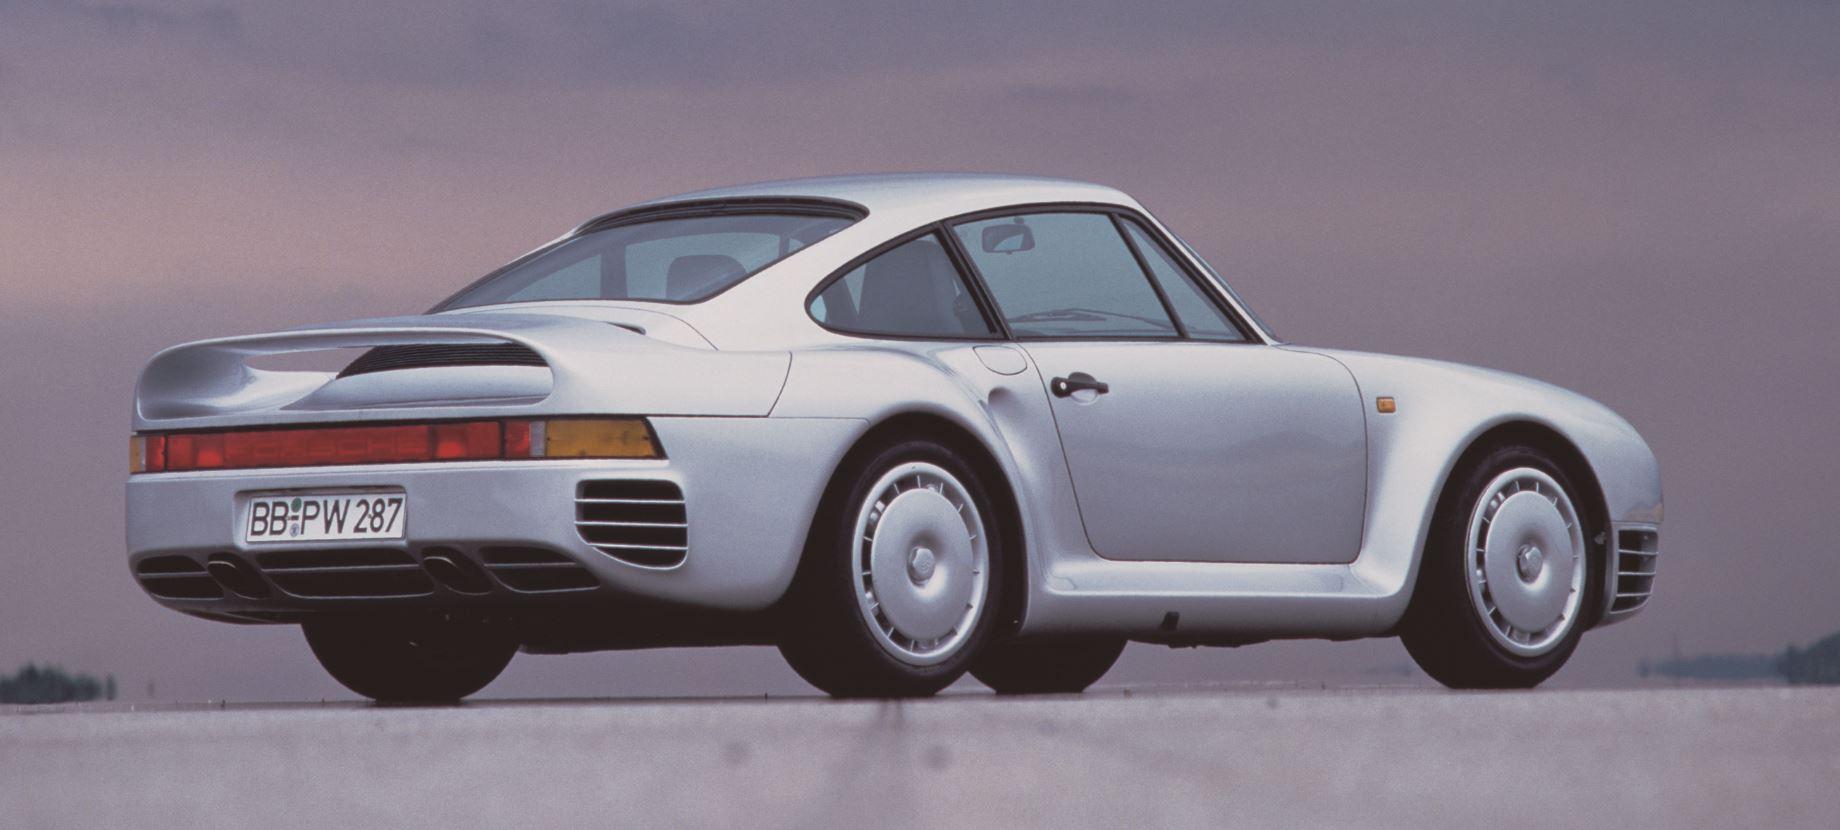 959 Porsche